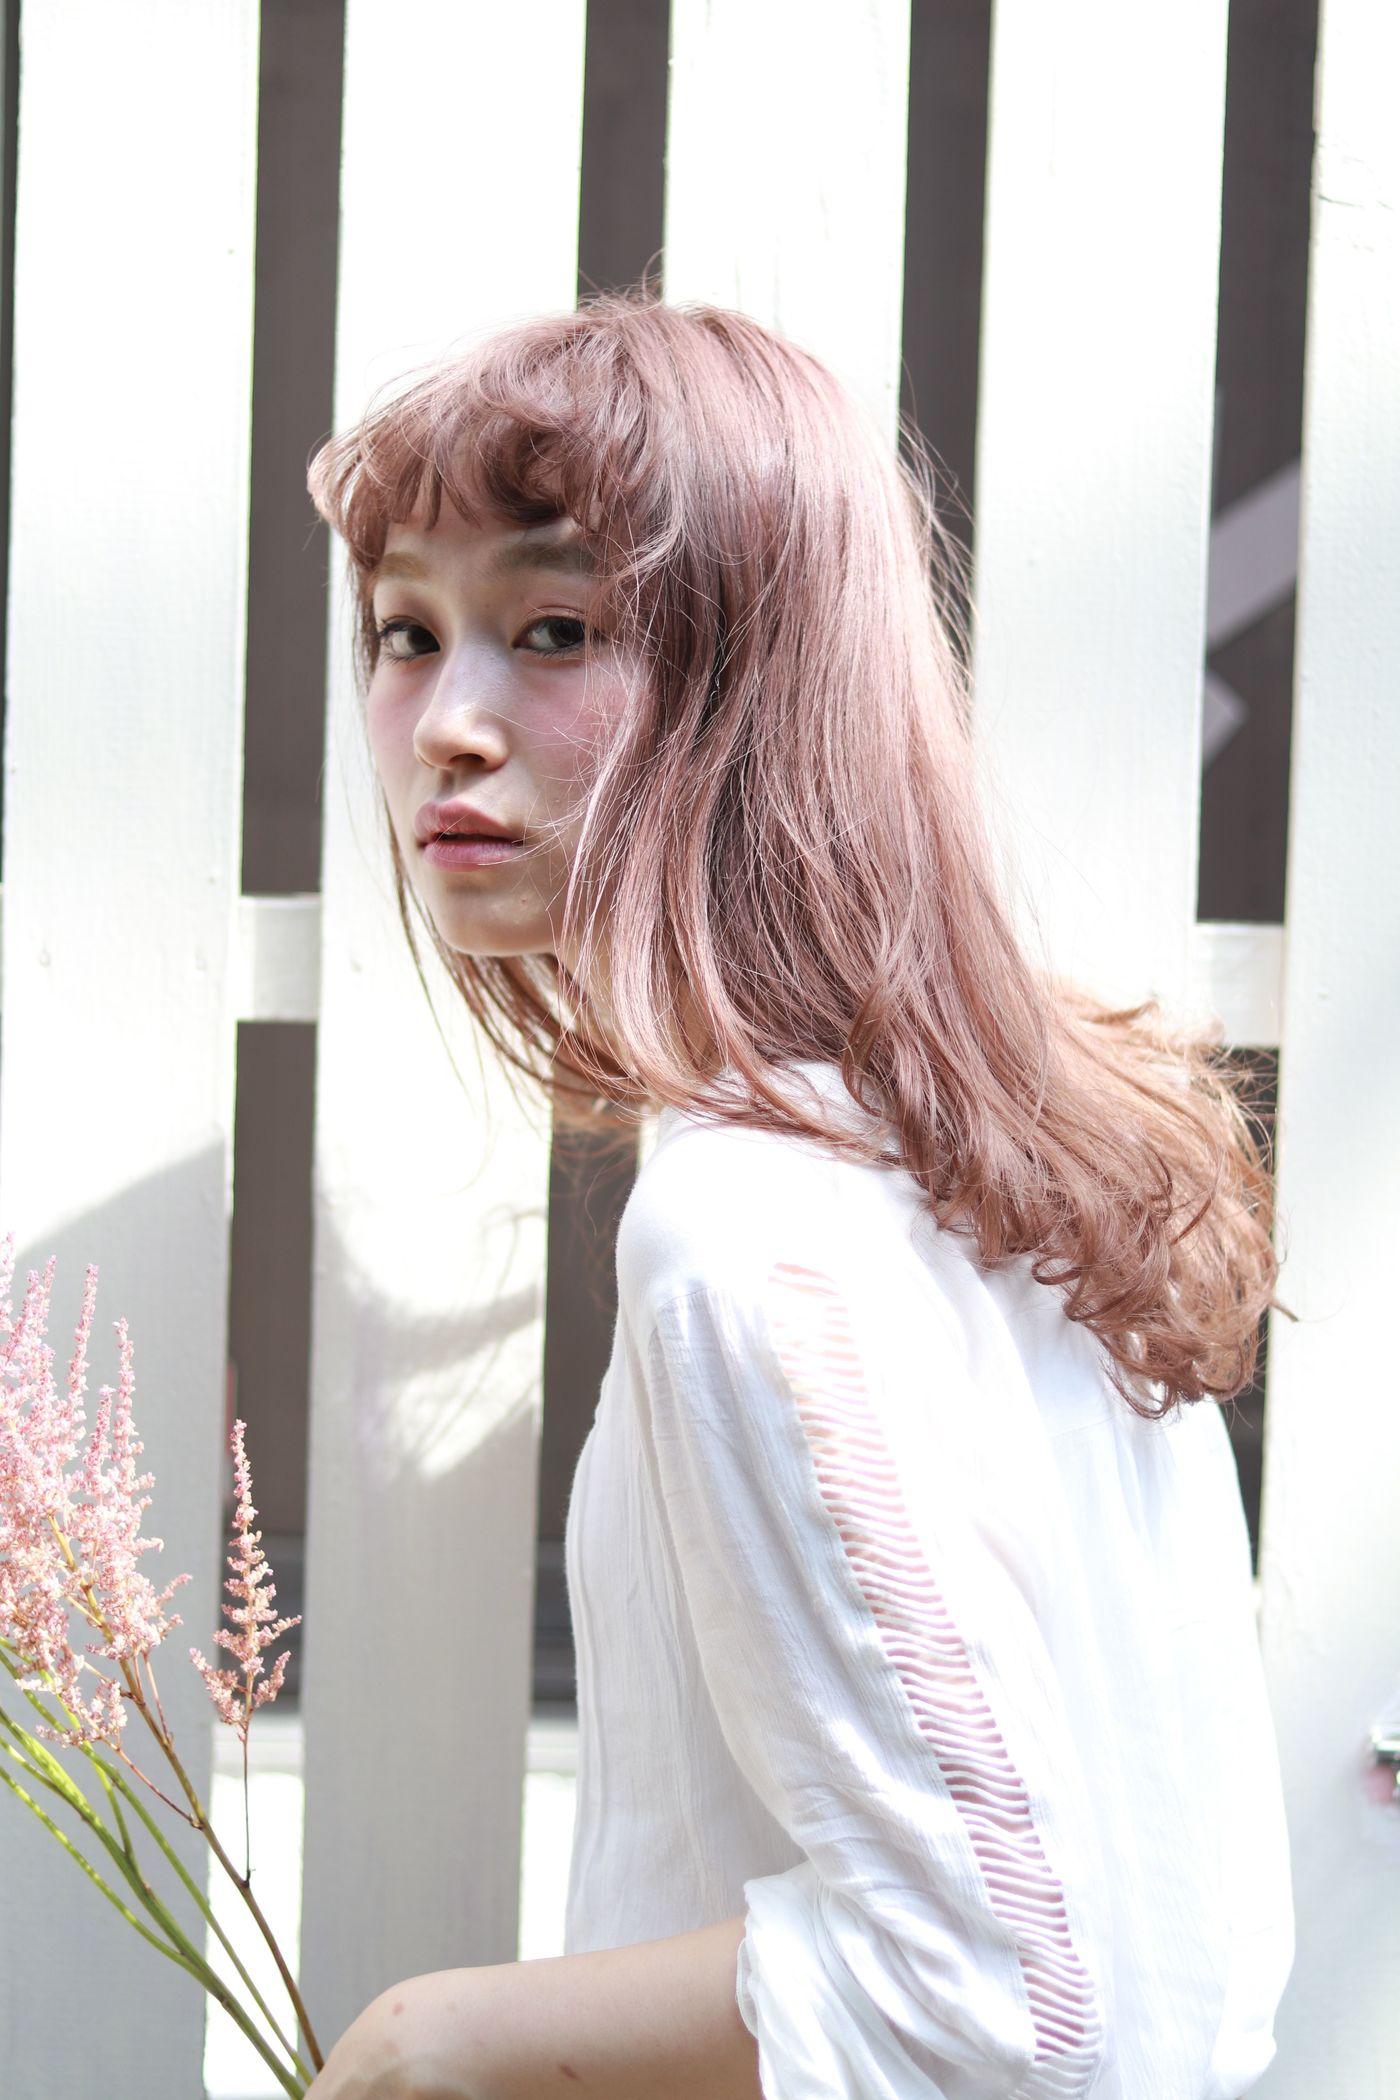 ビジョンアオヤマ [VISION aoyama]が投稿した画像